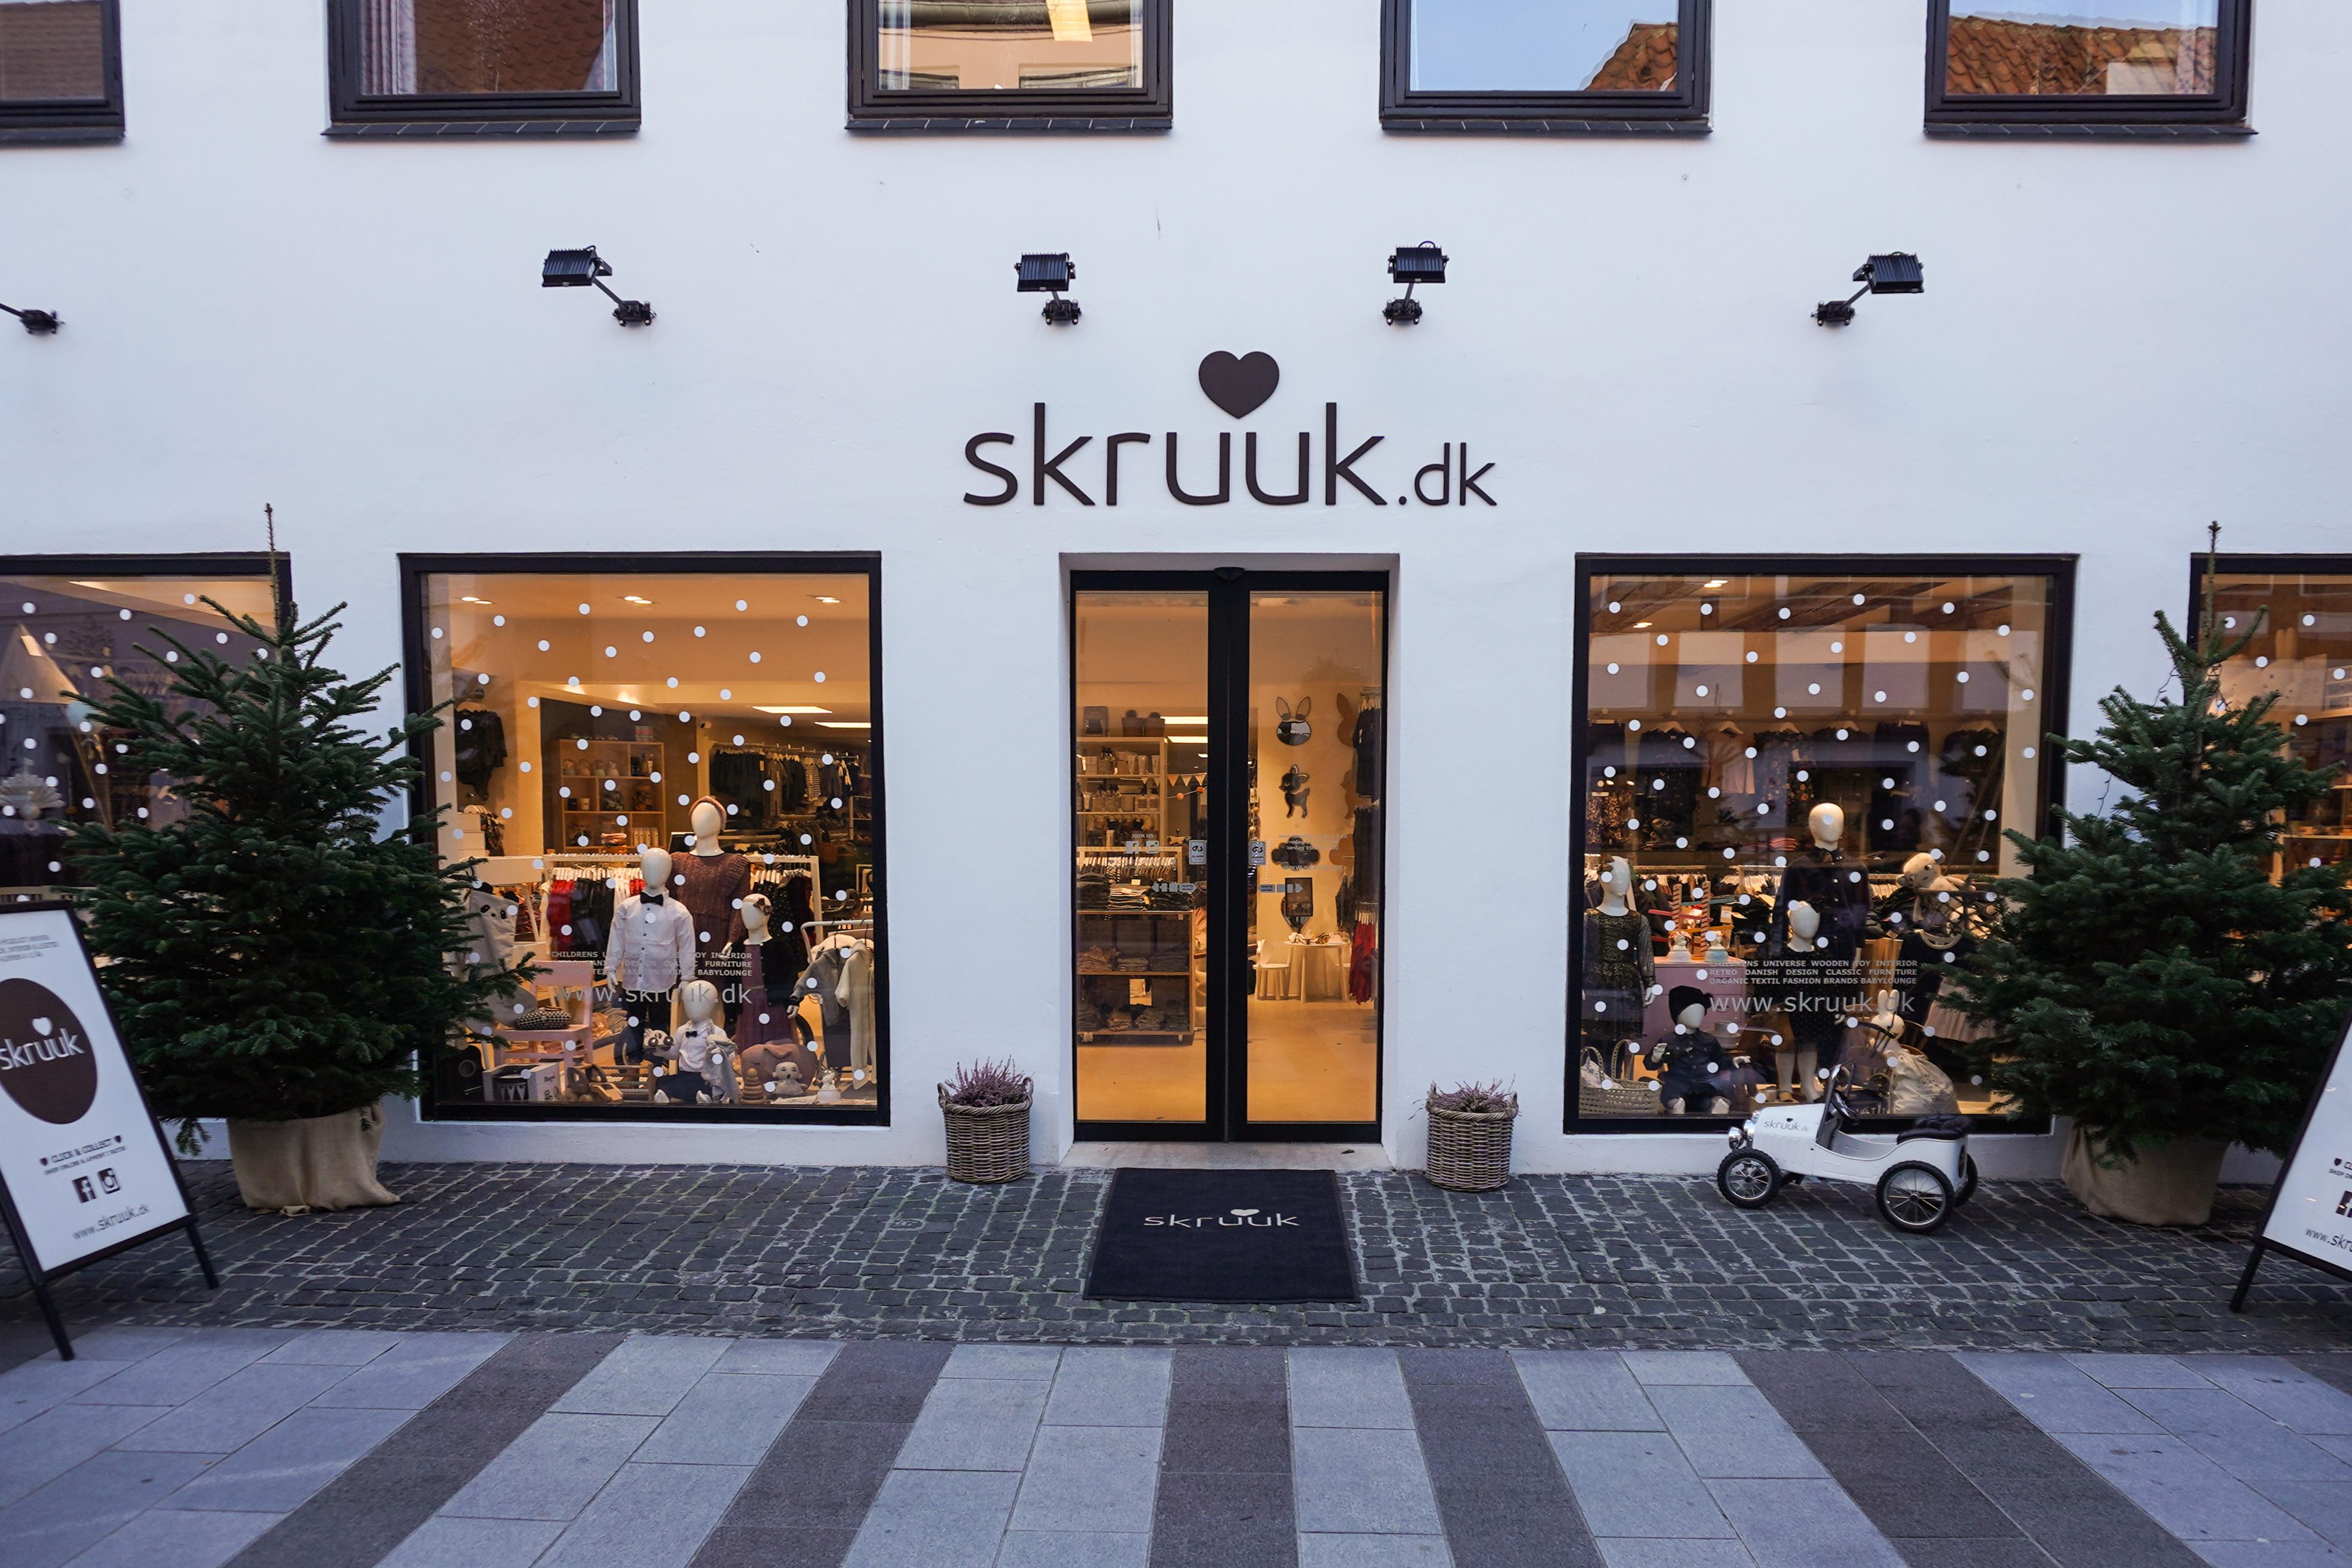 b9806dae985 Skruuk er et eksklusivt og hyggeligt børneunivers med en stor butik i  hyggelige Nørregade.